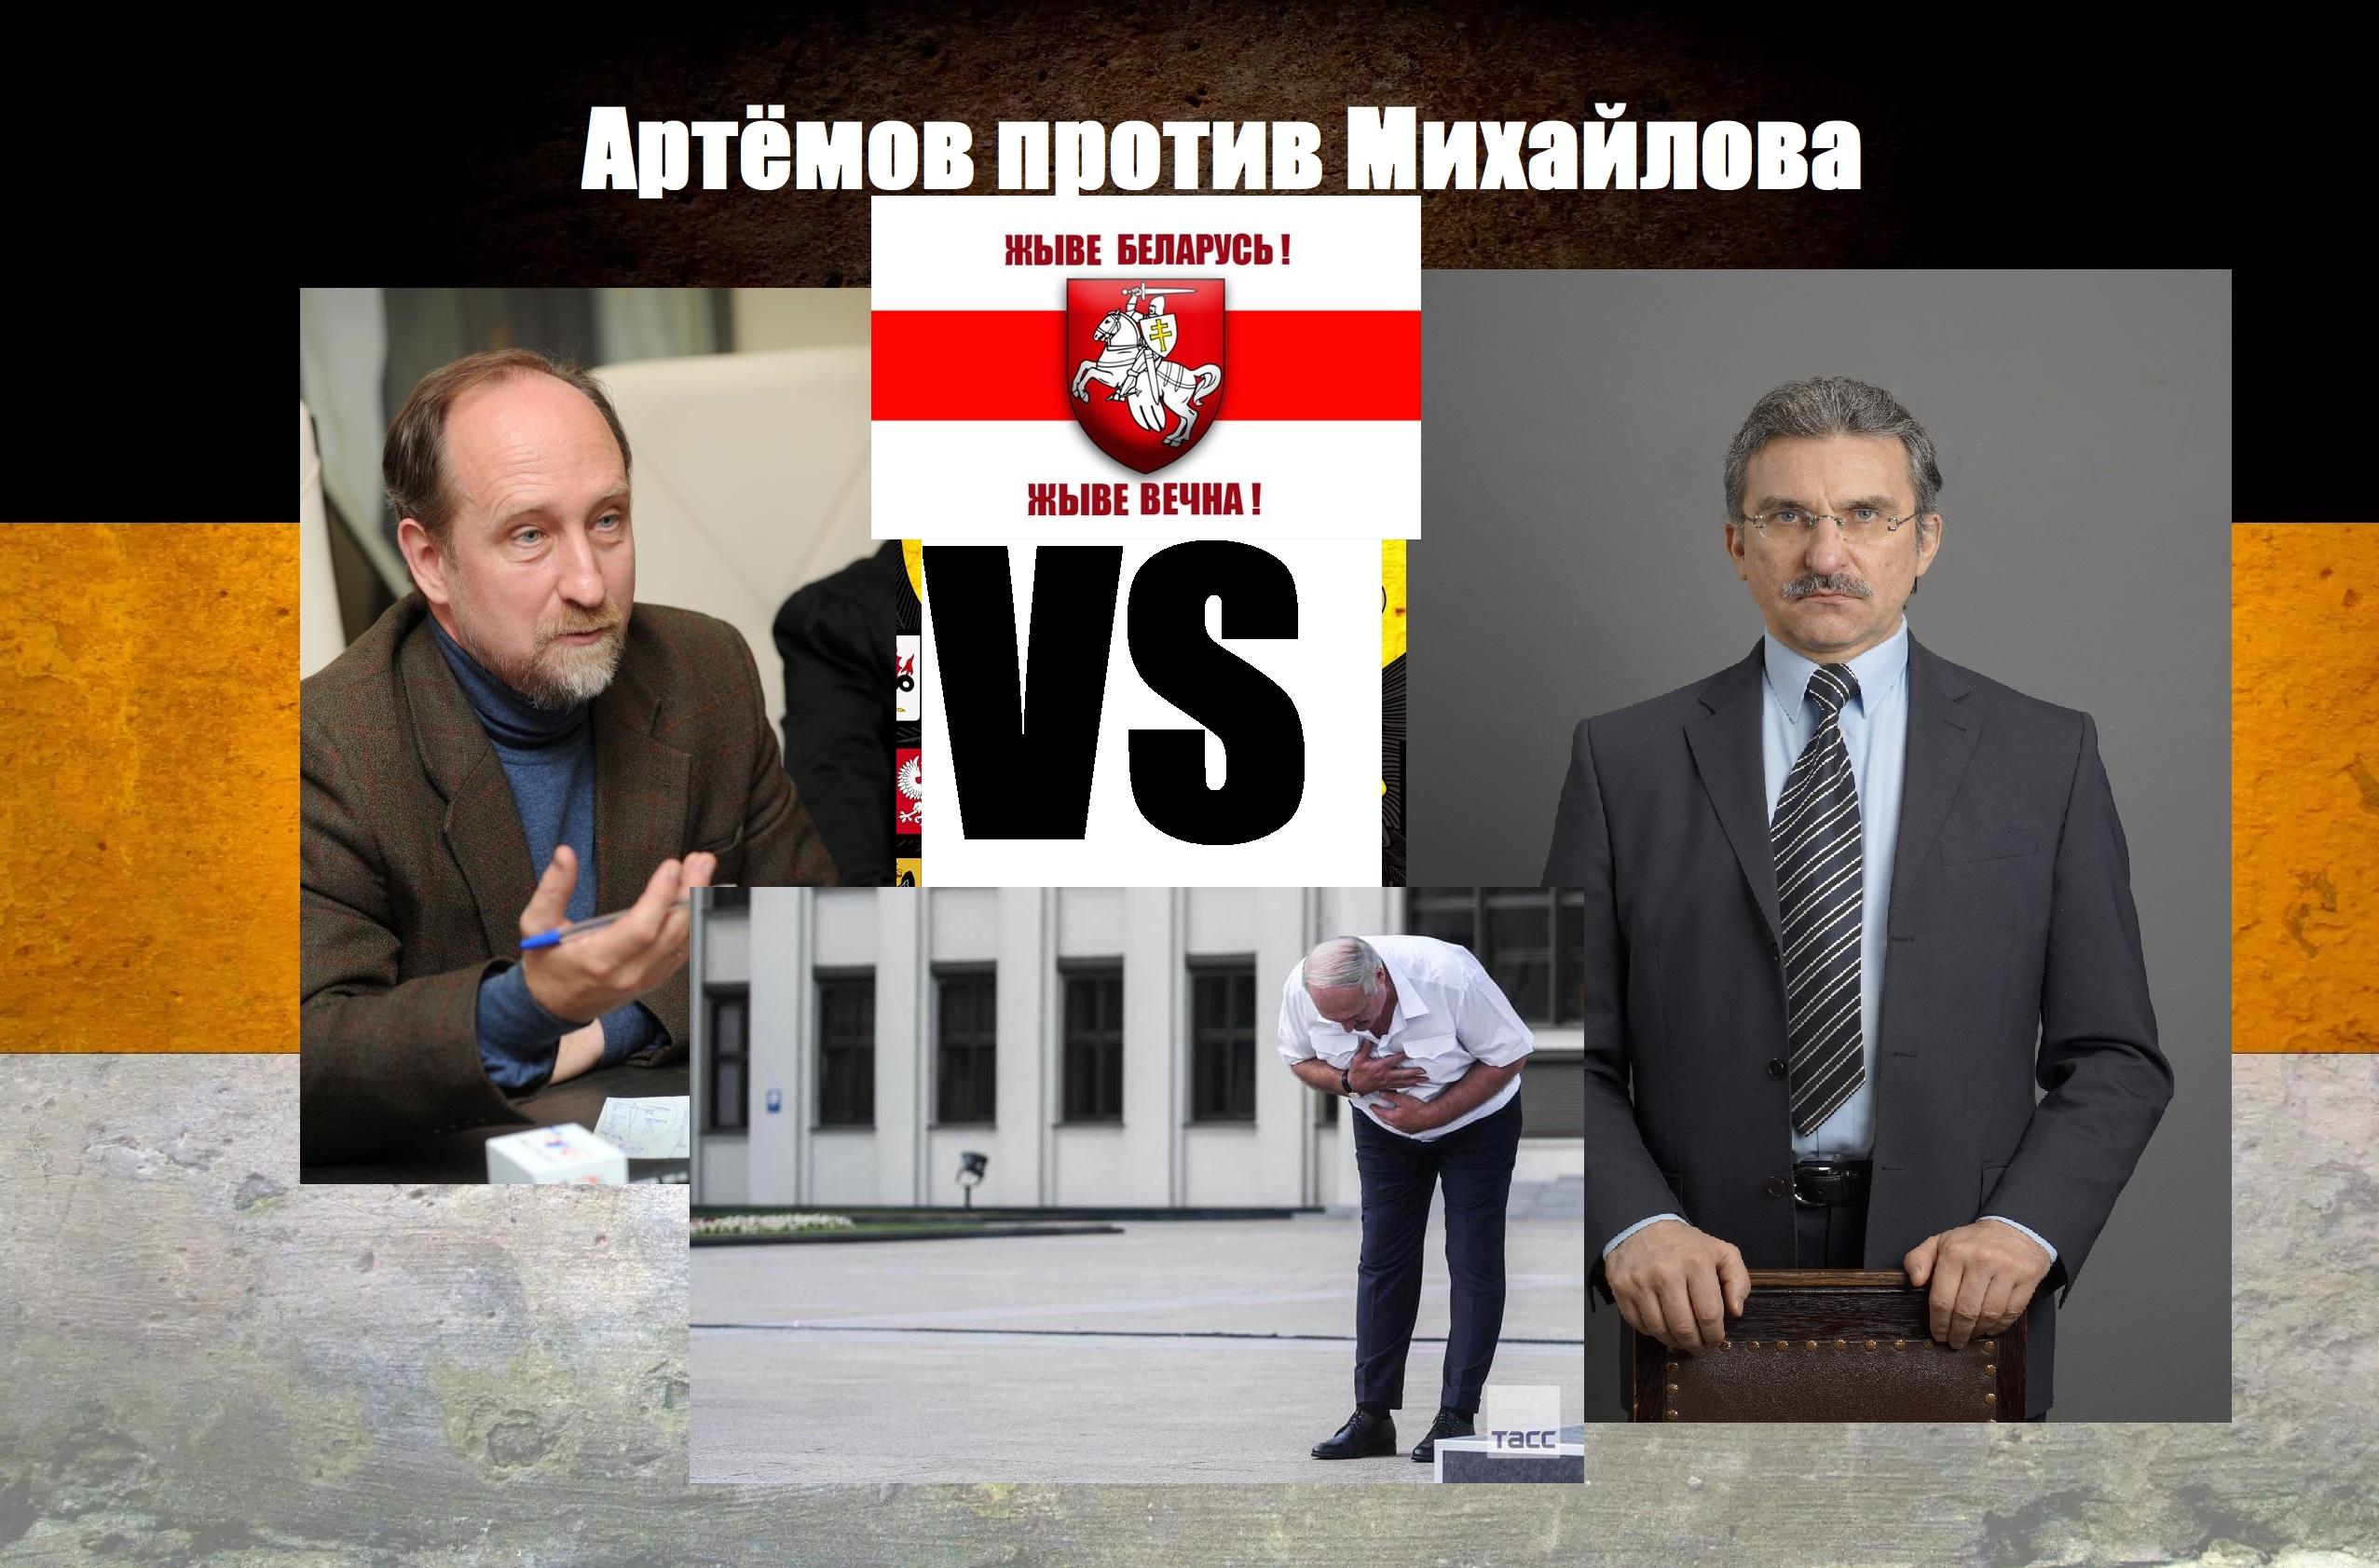 Дебаты Артёмов против Михайлова по Лукашенко